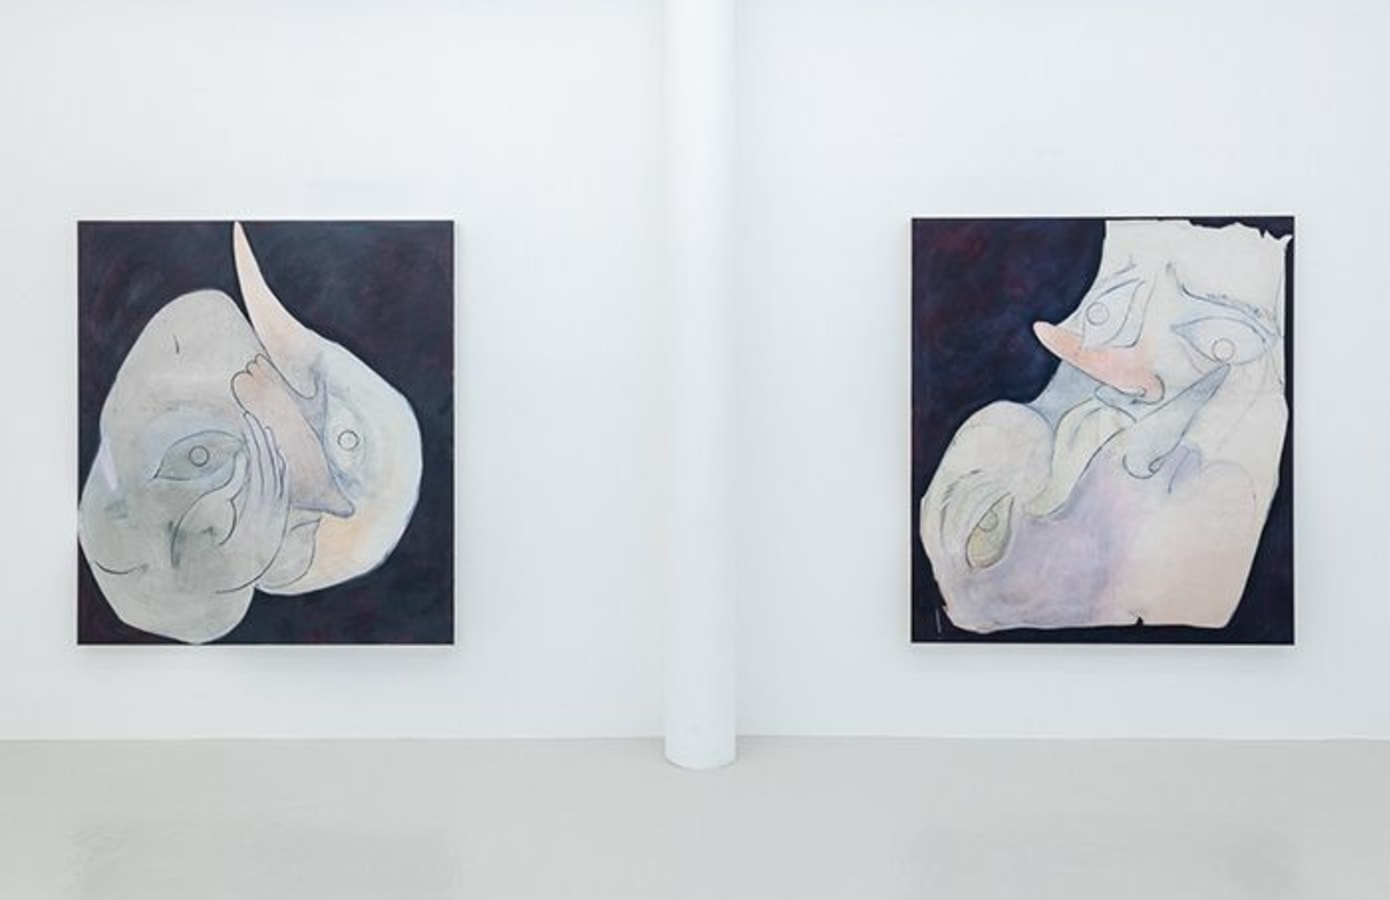 Art Rotterdam 2020, Carlotta Bailly-Borg, Elissa Lacoste, Natacha Mankowski, Tom Volkaert,